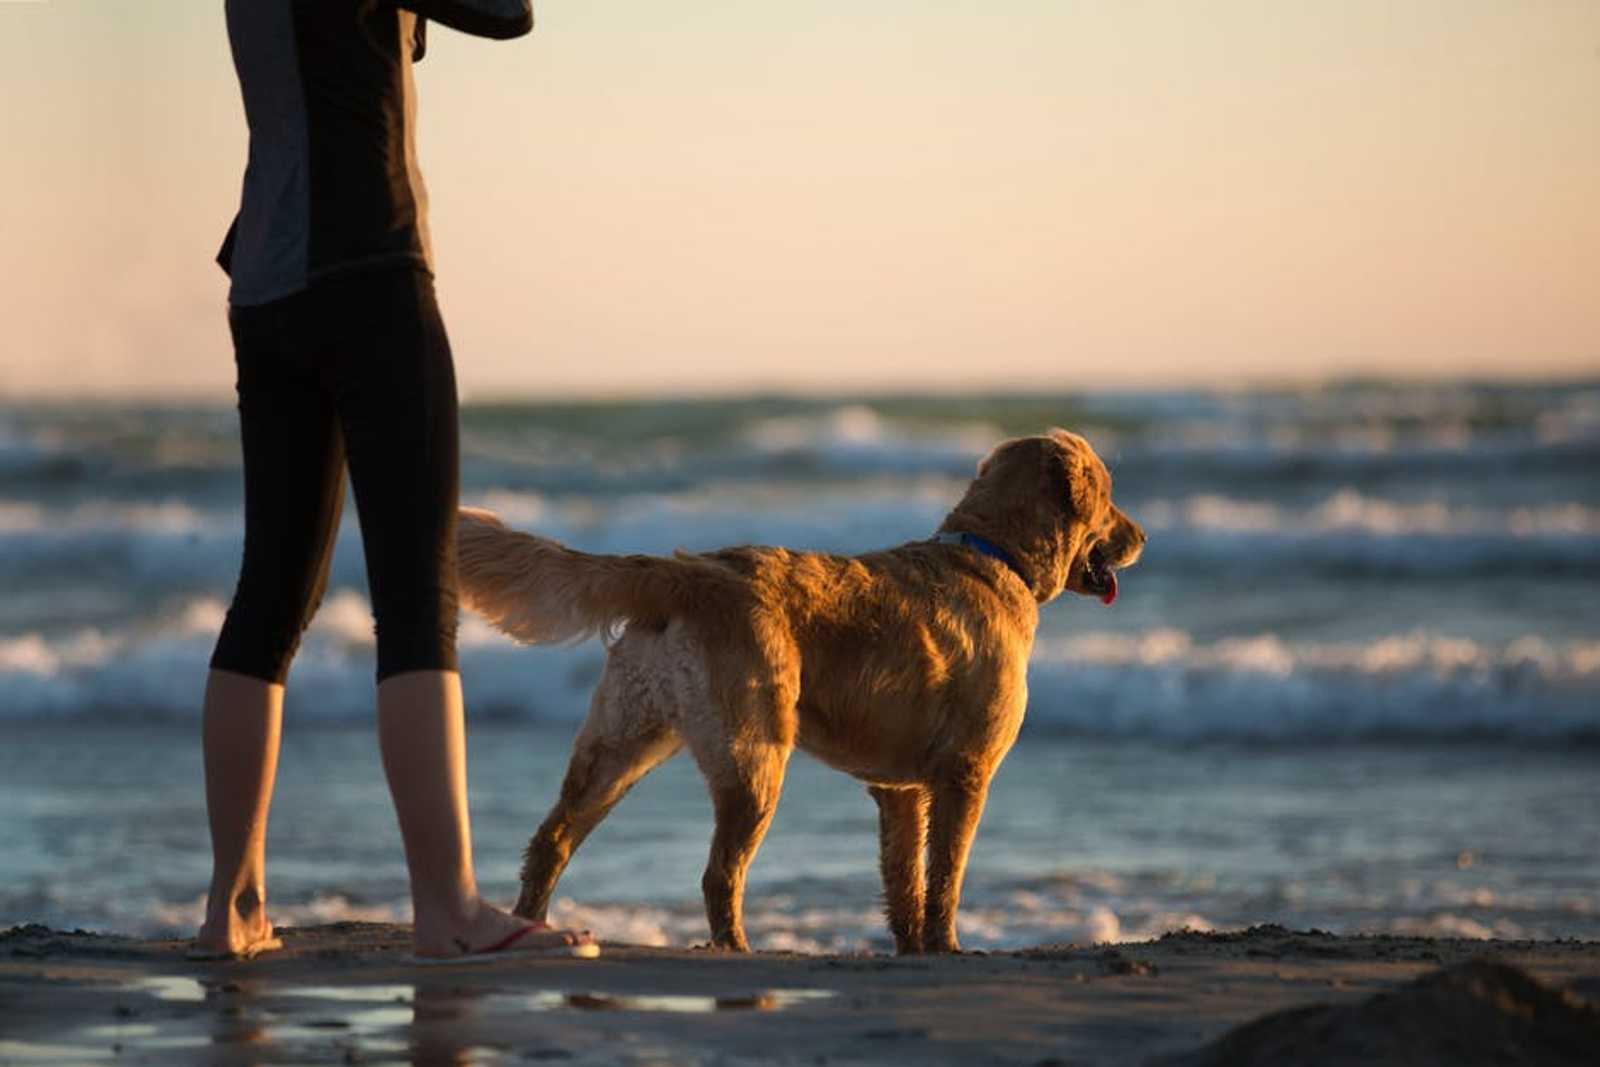 Dog looking at beach